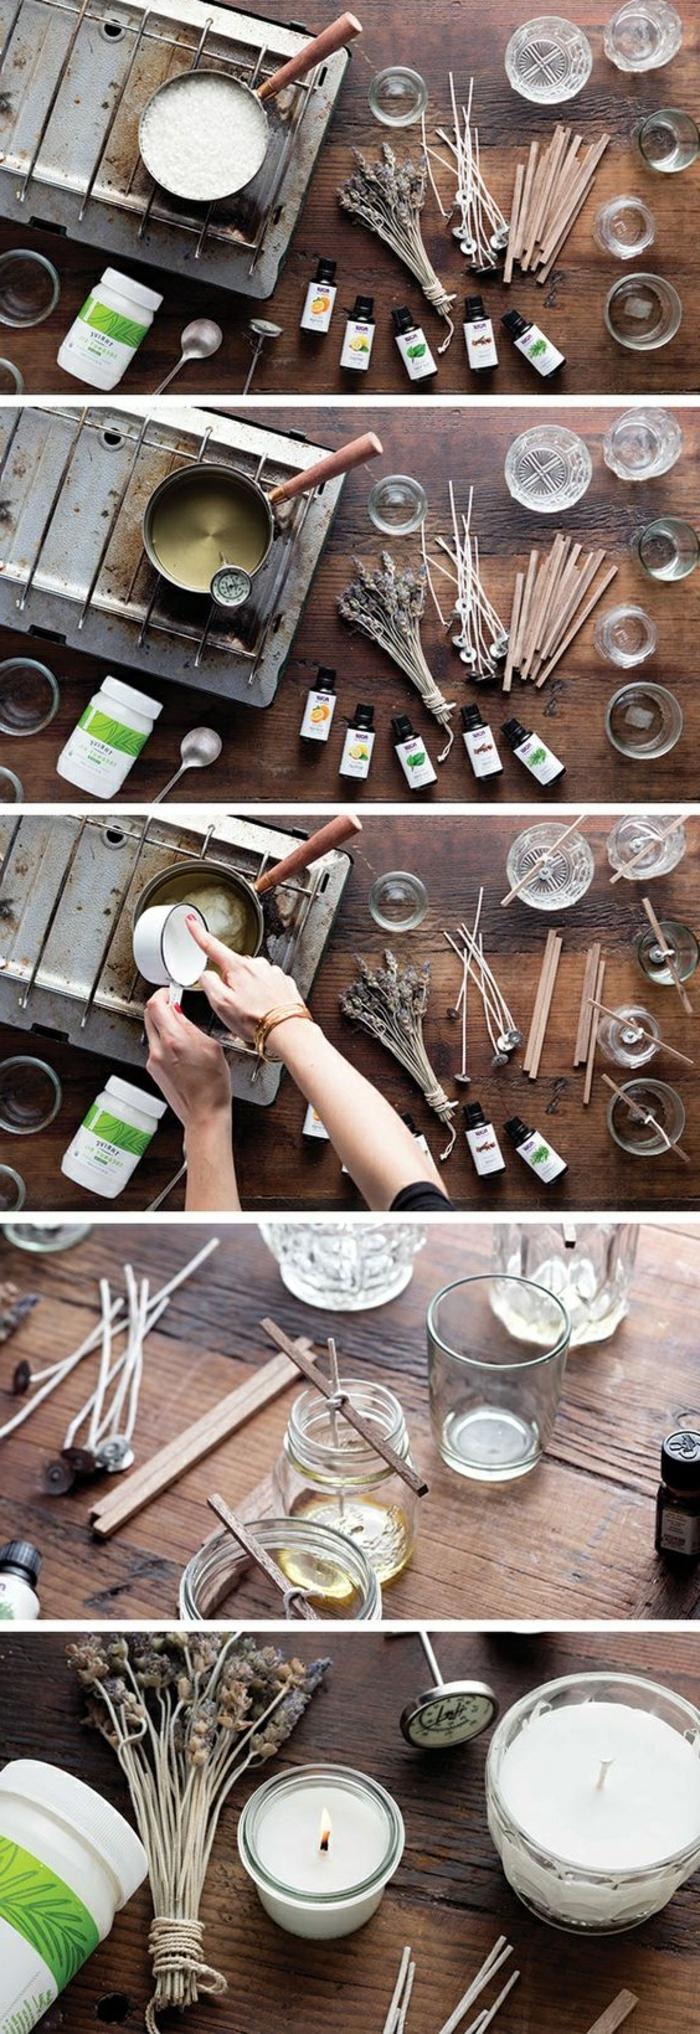 pas à pas creation bougie facile, faire fondre une cire pour bougie au bain marie, avec quoi décorer une bougie fait maison